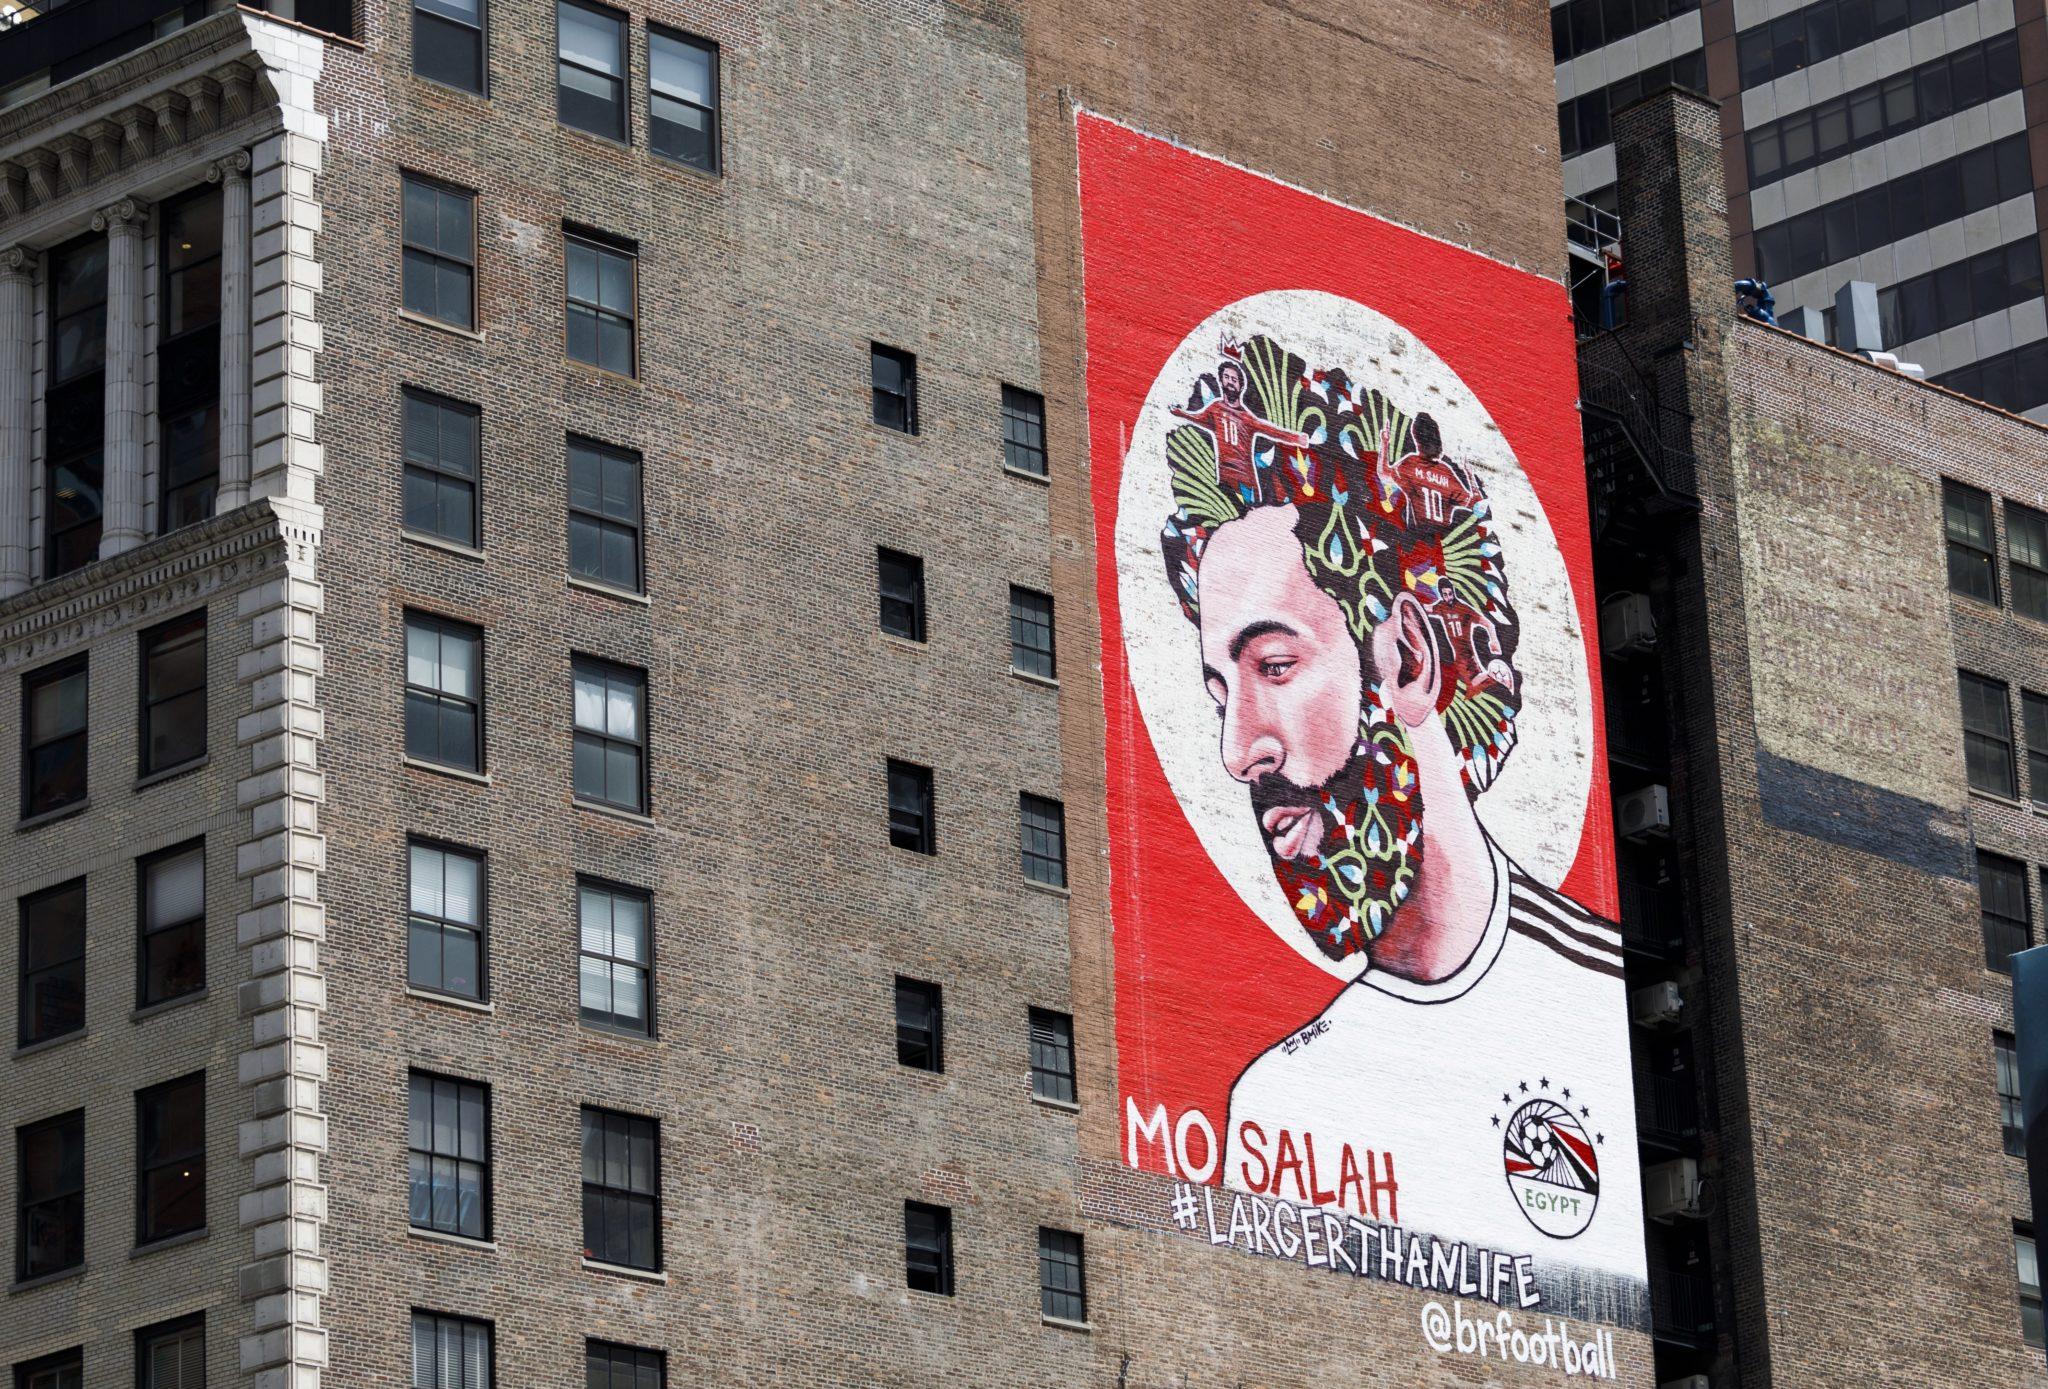 Nowy Jork: egipski piłkarz Mohamed Salah na muralu budynku przy Times Square w Nowym Jorku, Salah został kontuzjowany podczas gry dla Liverpoolu 26 maja w finale Ligi Mistrzów, ale miał nadzieję na powrót do zdrowia przed rozpoczęciem Mistrzostw Świata, fot: Justin Lane, PAP/EPA